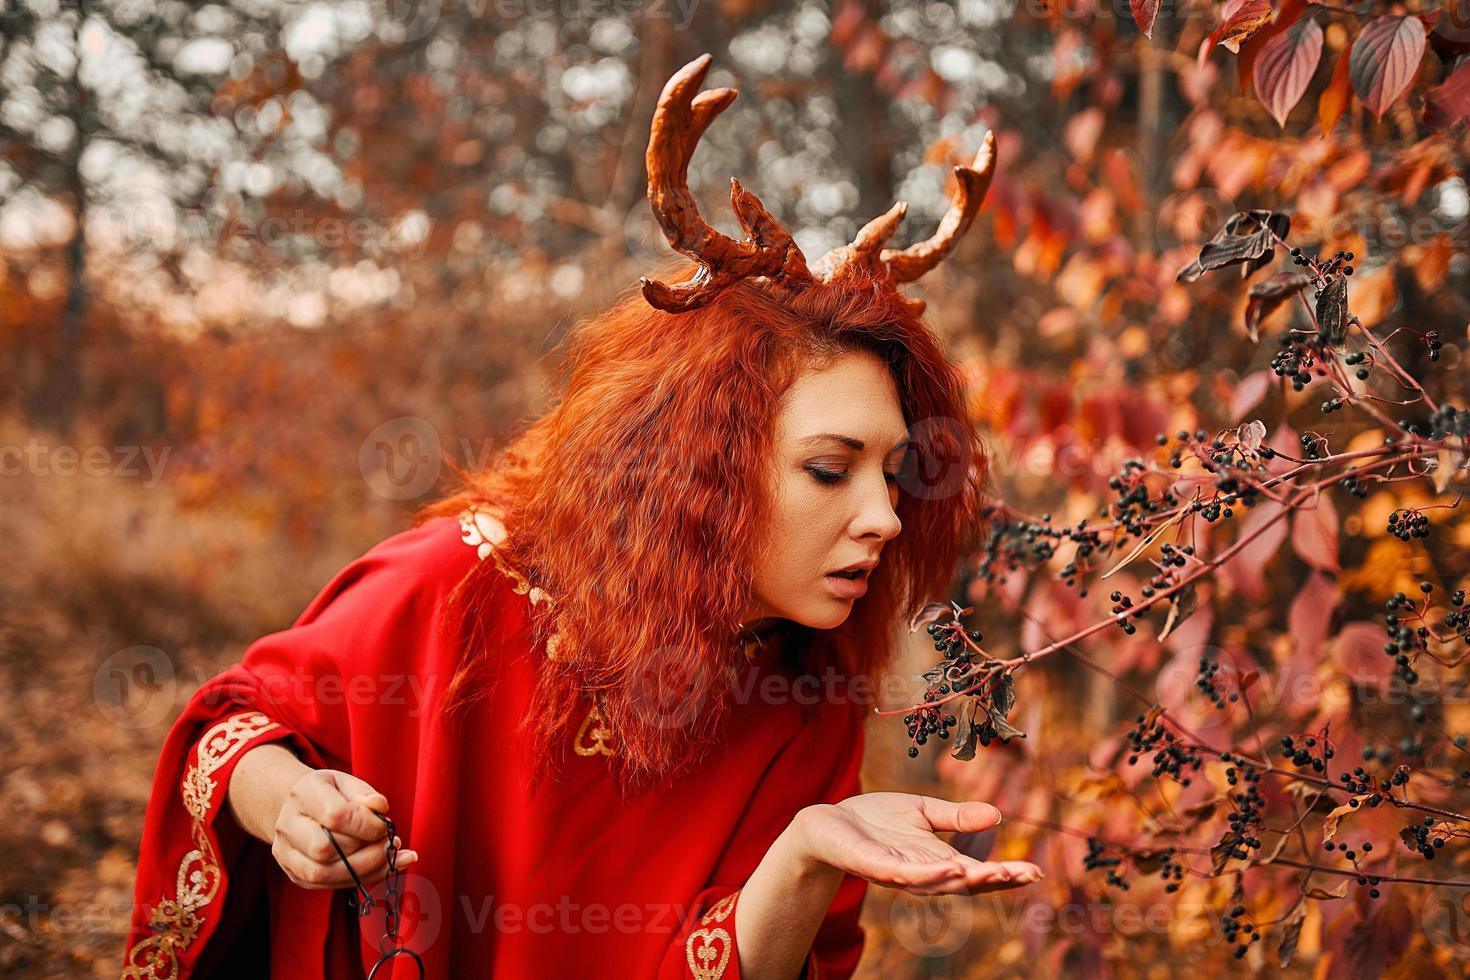 mujer en vestido rojo largo con cuernos de venado en el bosque de otoño. foto